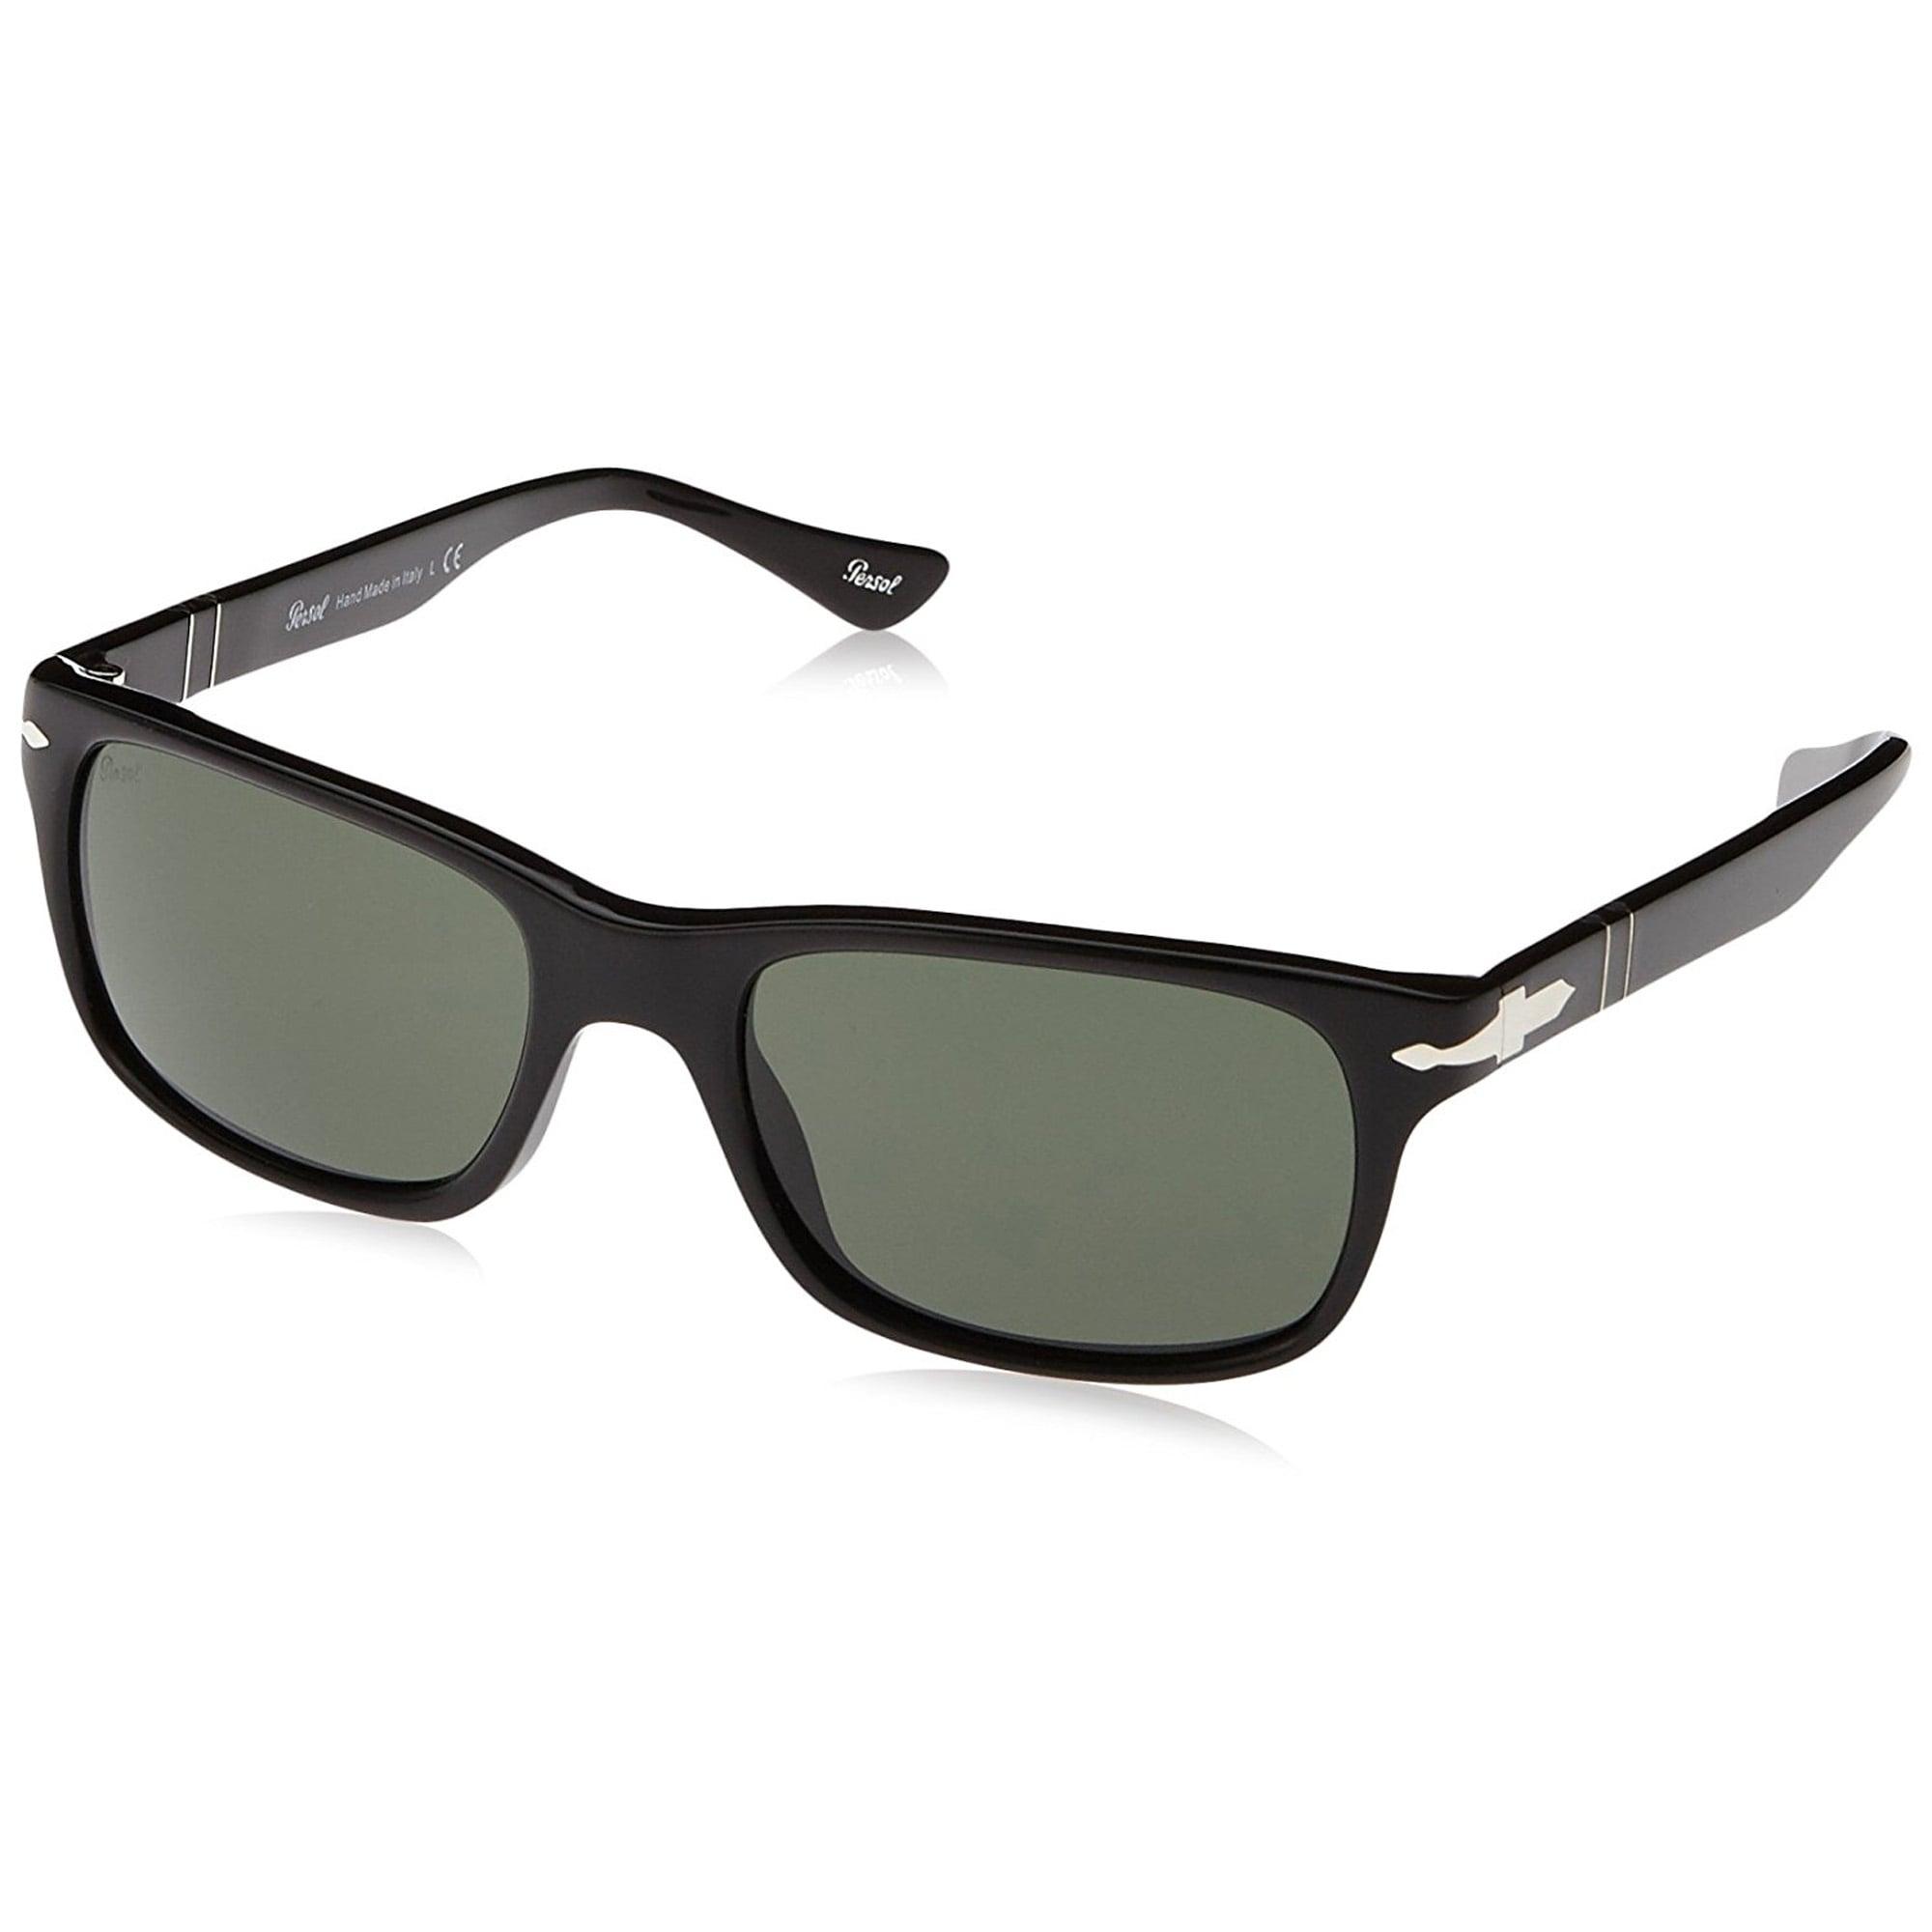 Black Persol Sunglasses